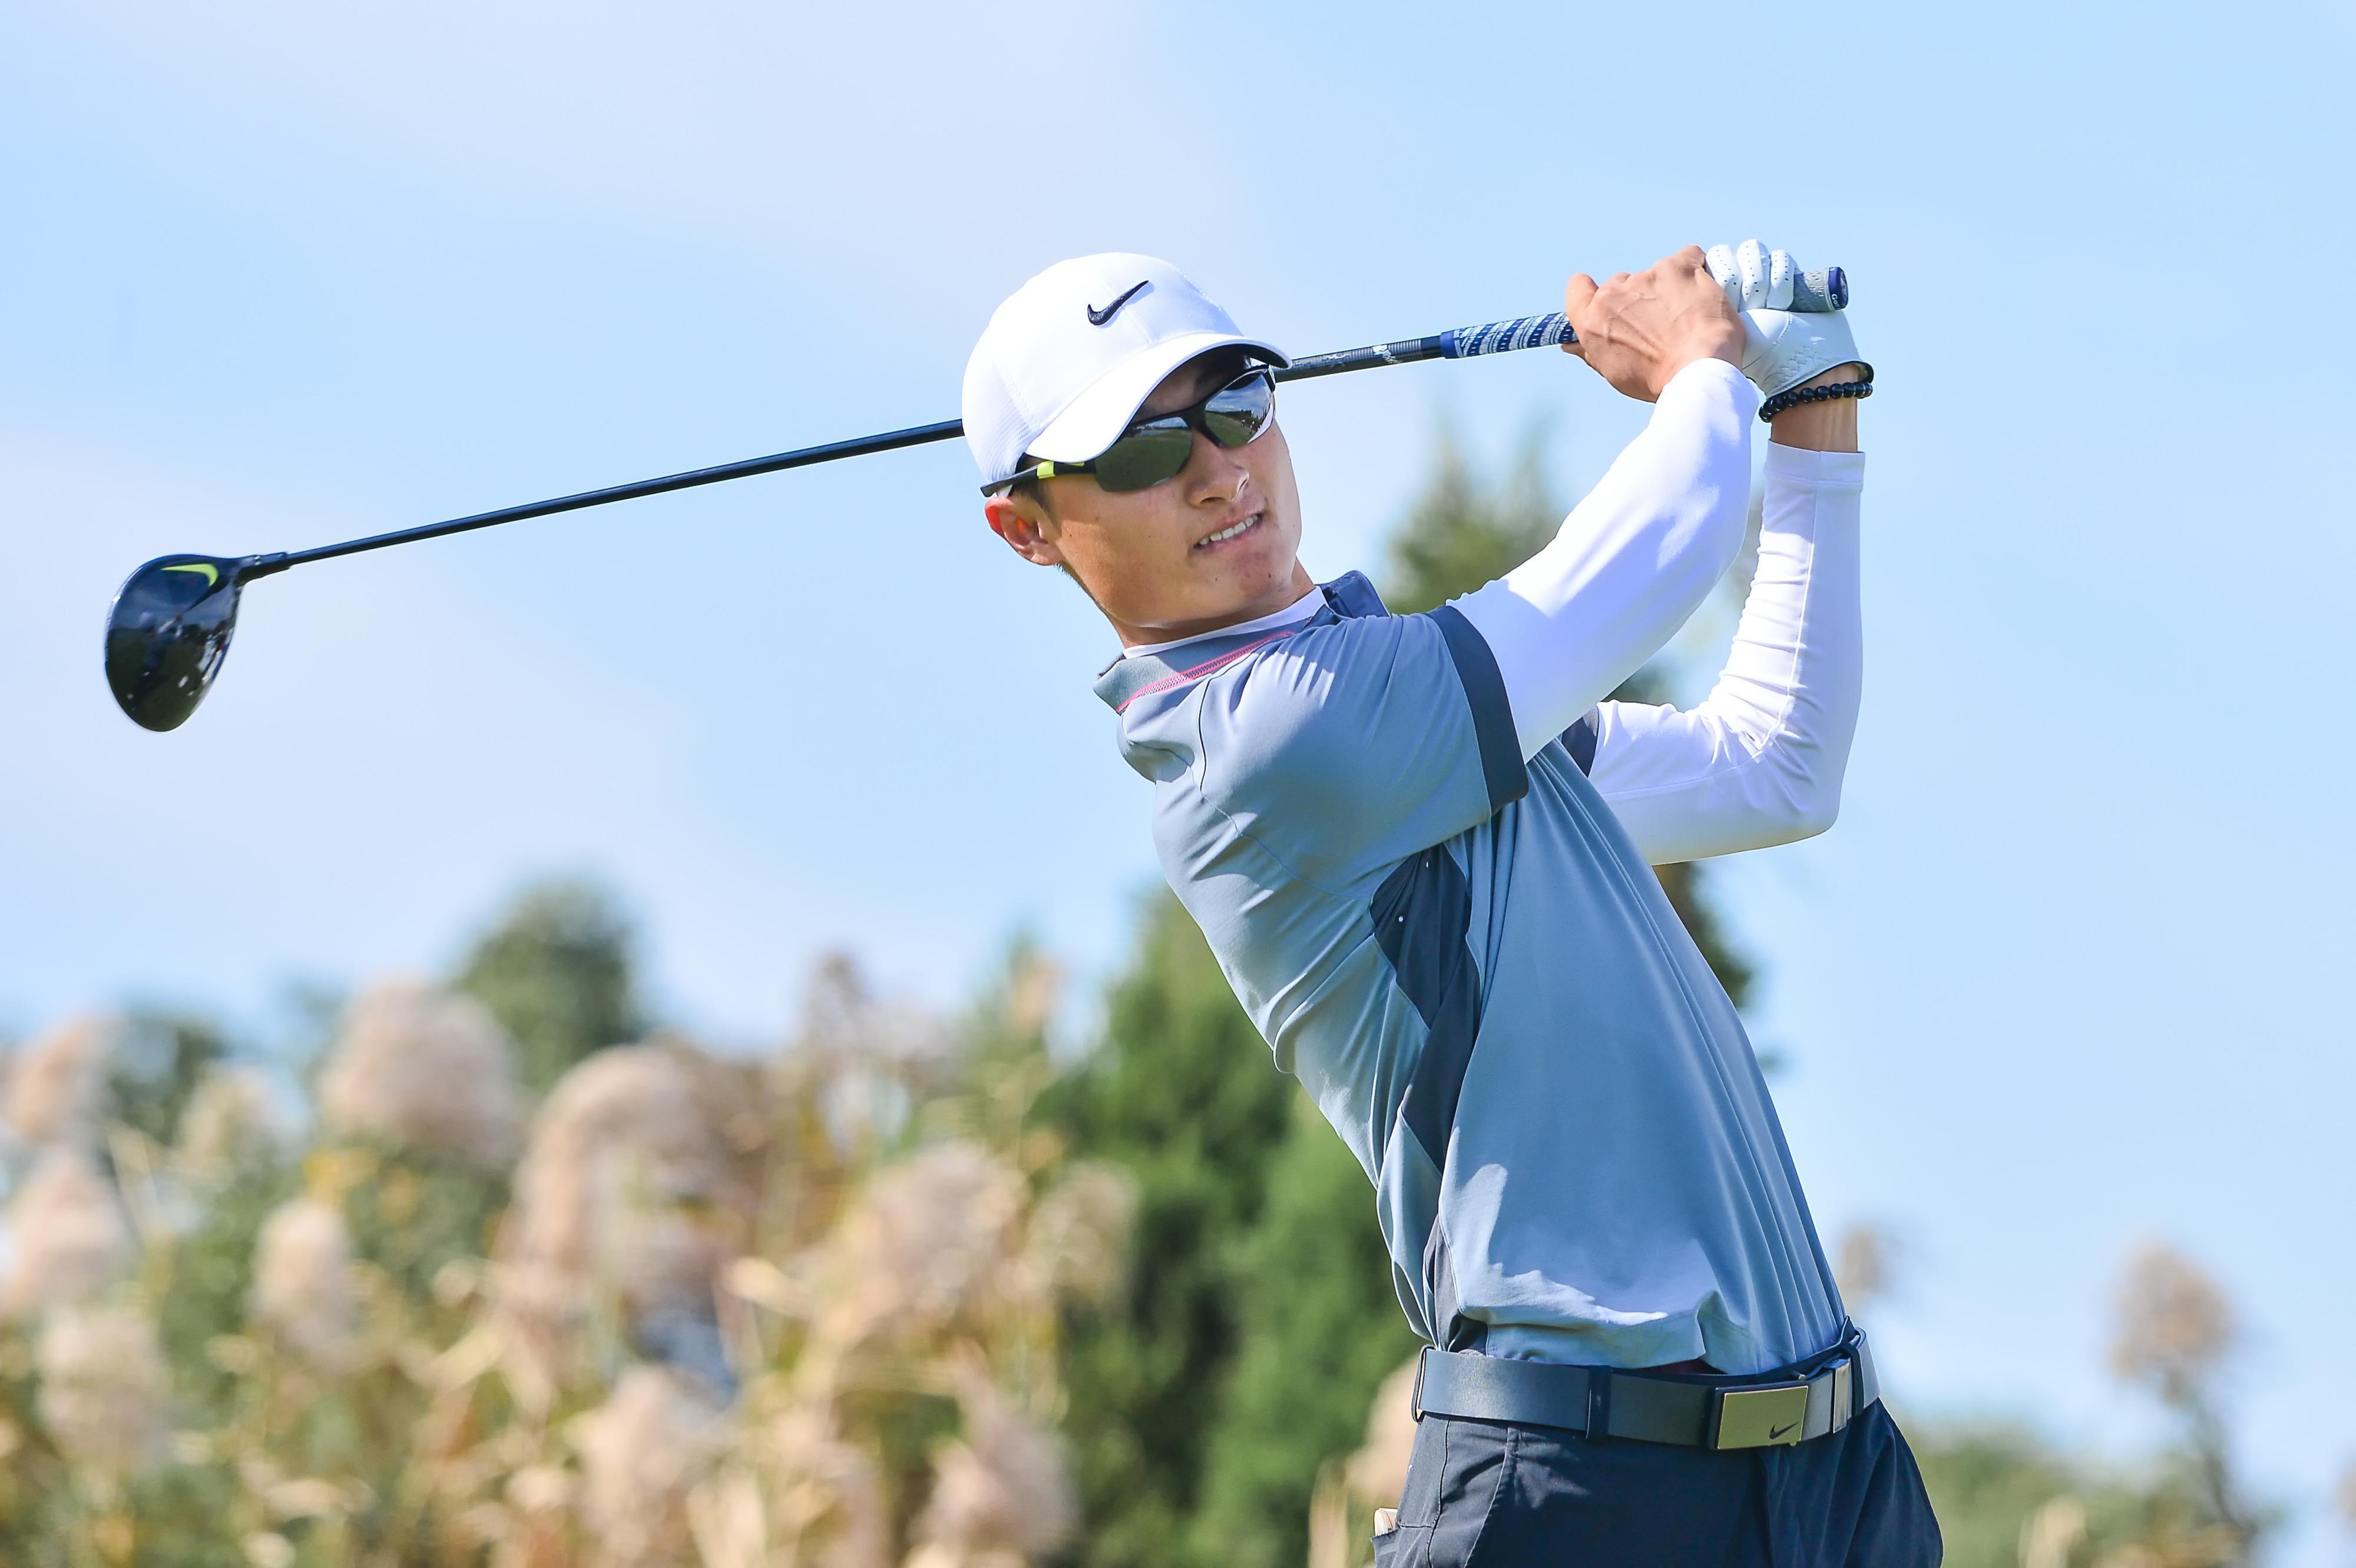 李昊桐确认参加2018年ISPS墨尔本高尔夫世界杯